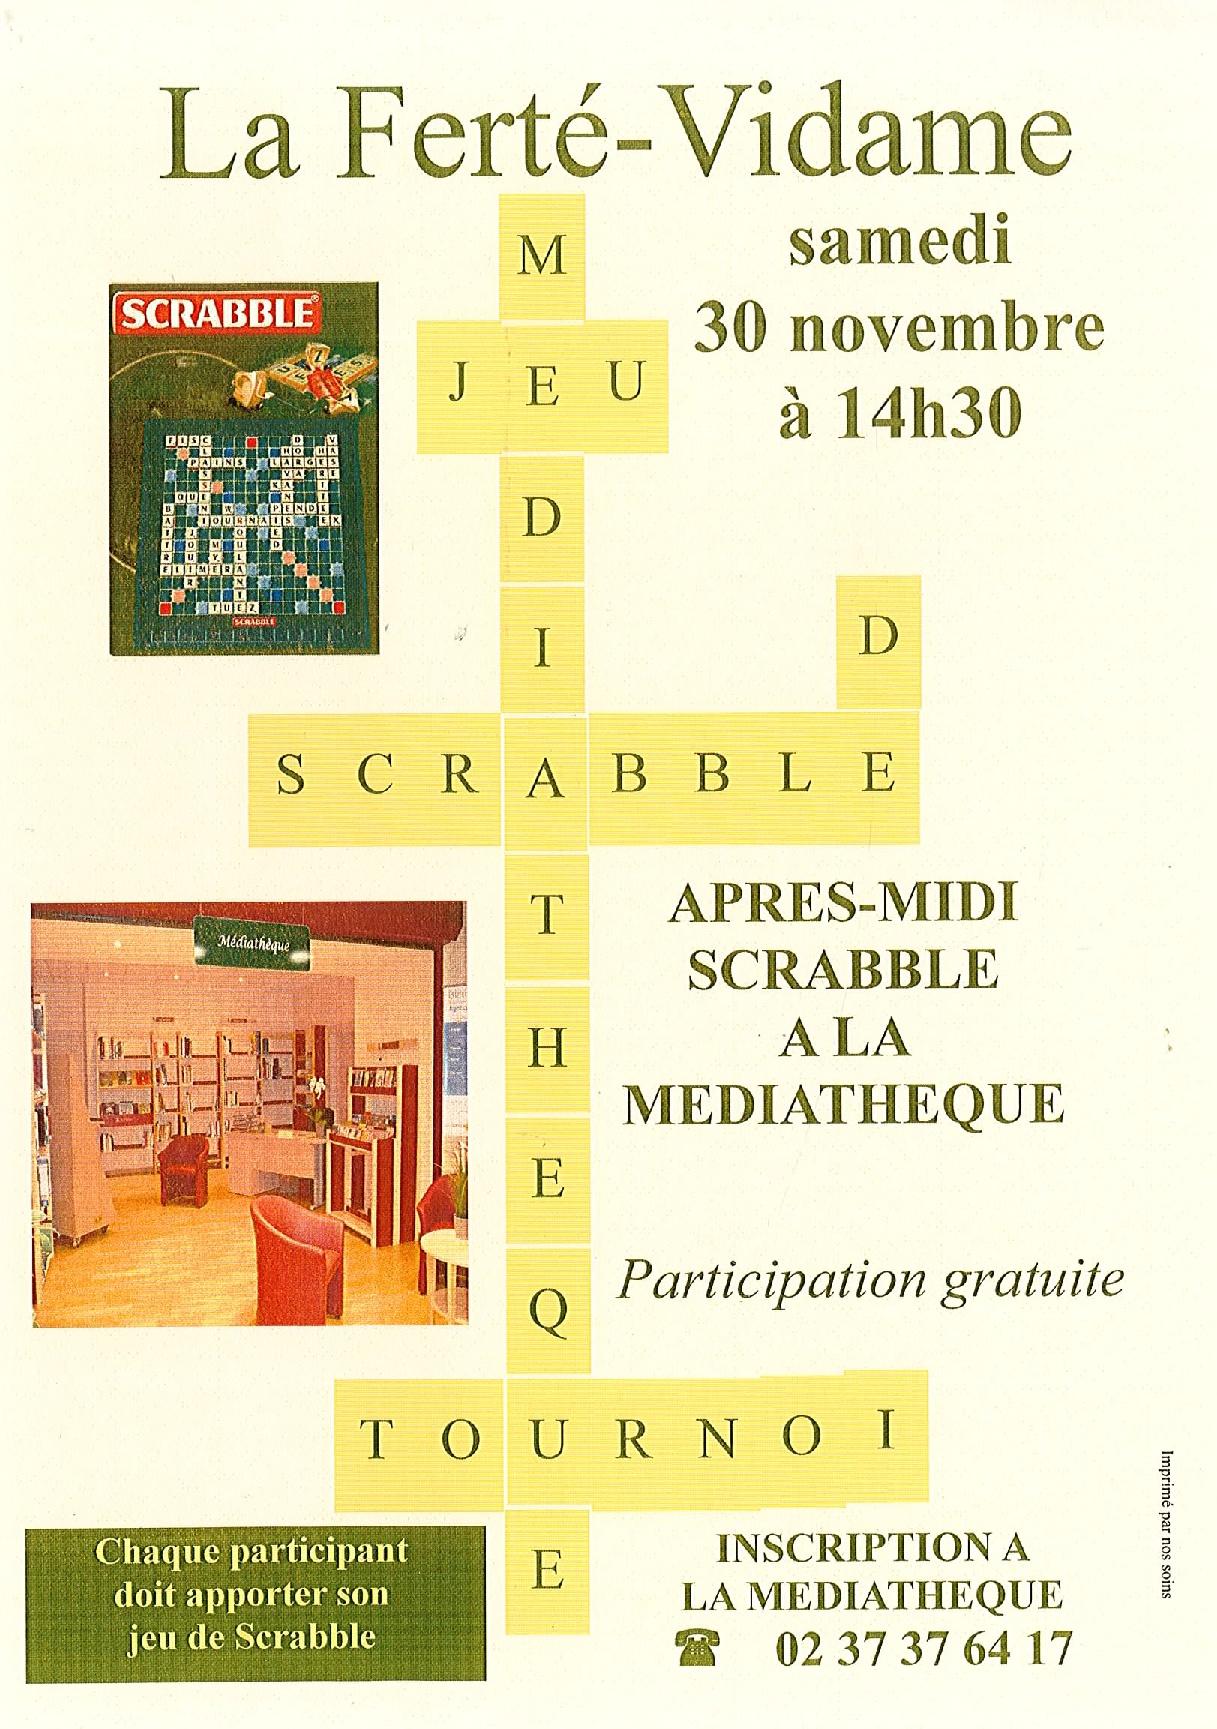 Après-midi Scrabble à LA FERTE-VIDAME © mediathèque la ferte vidame